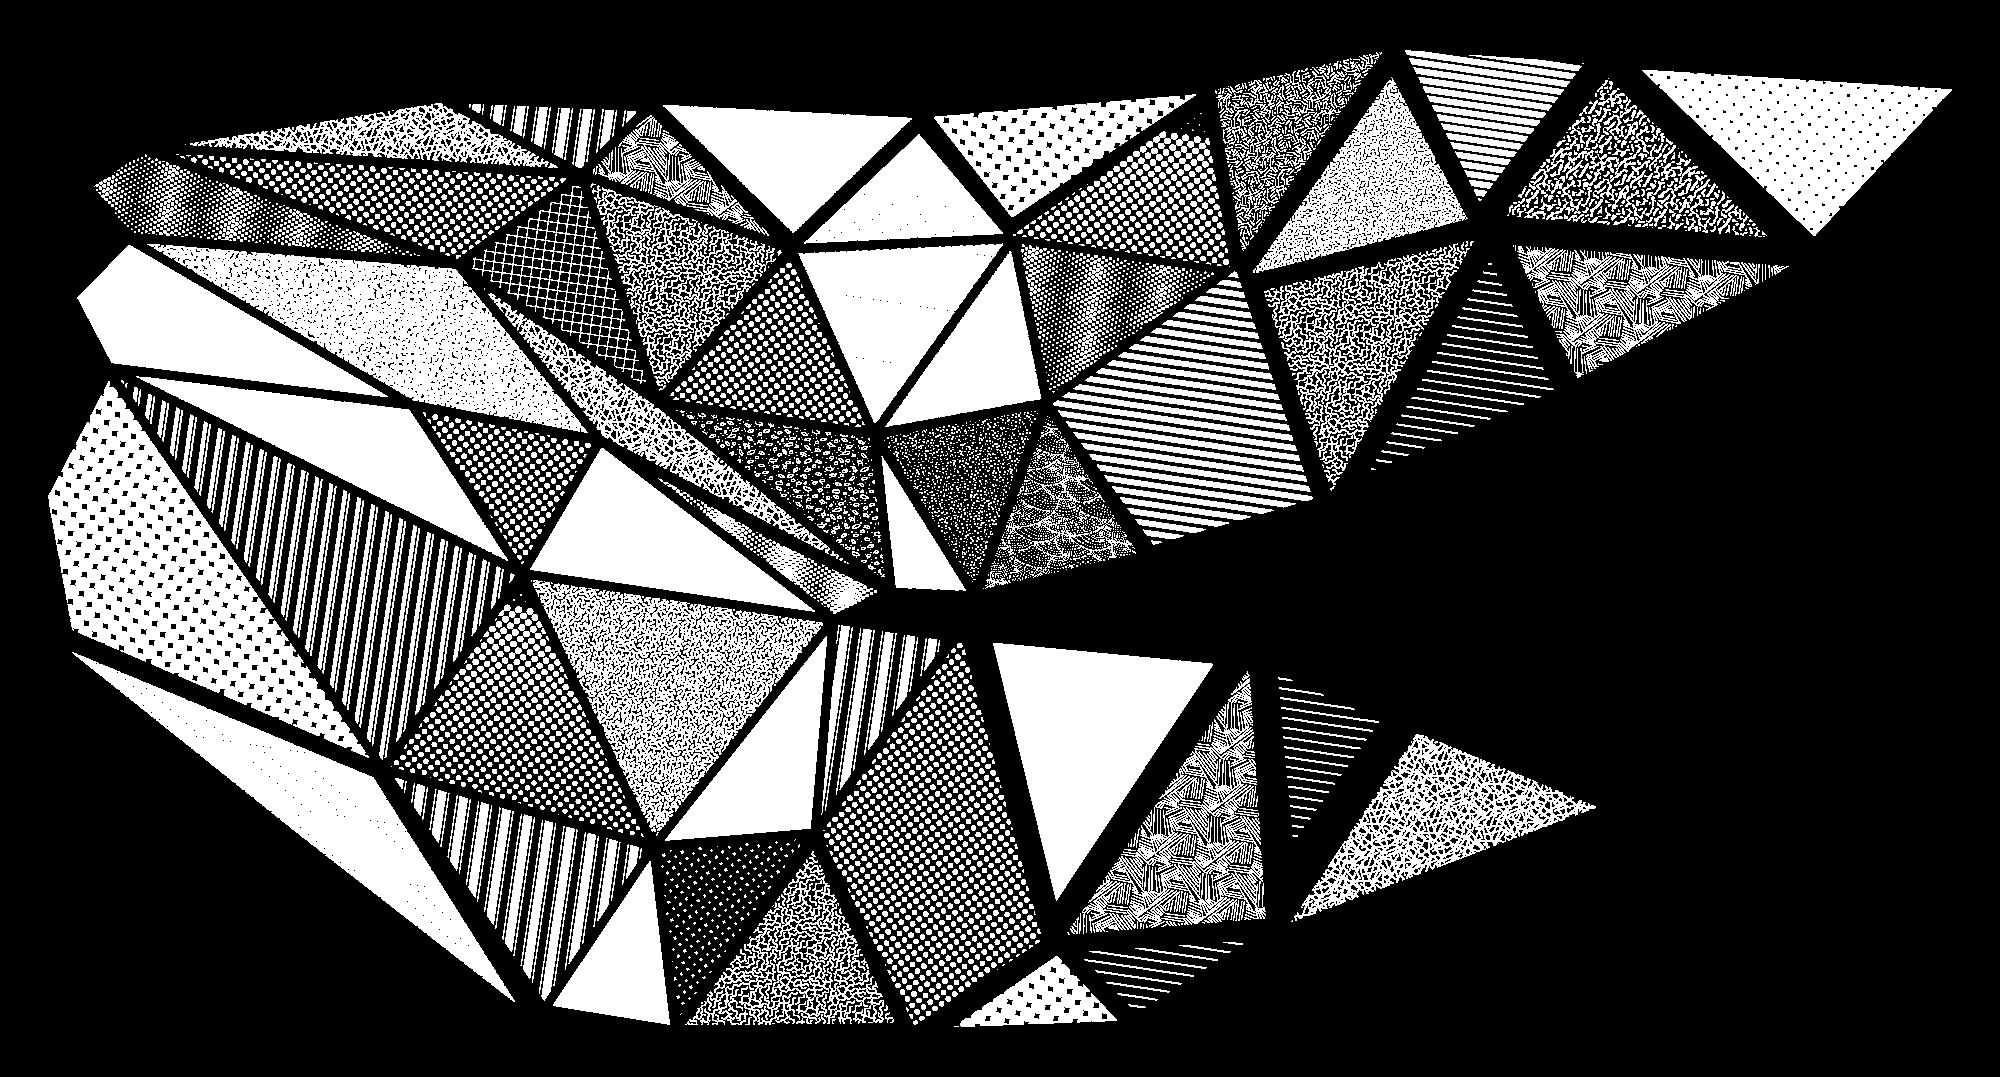 Verve-Graphic-2